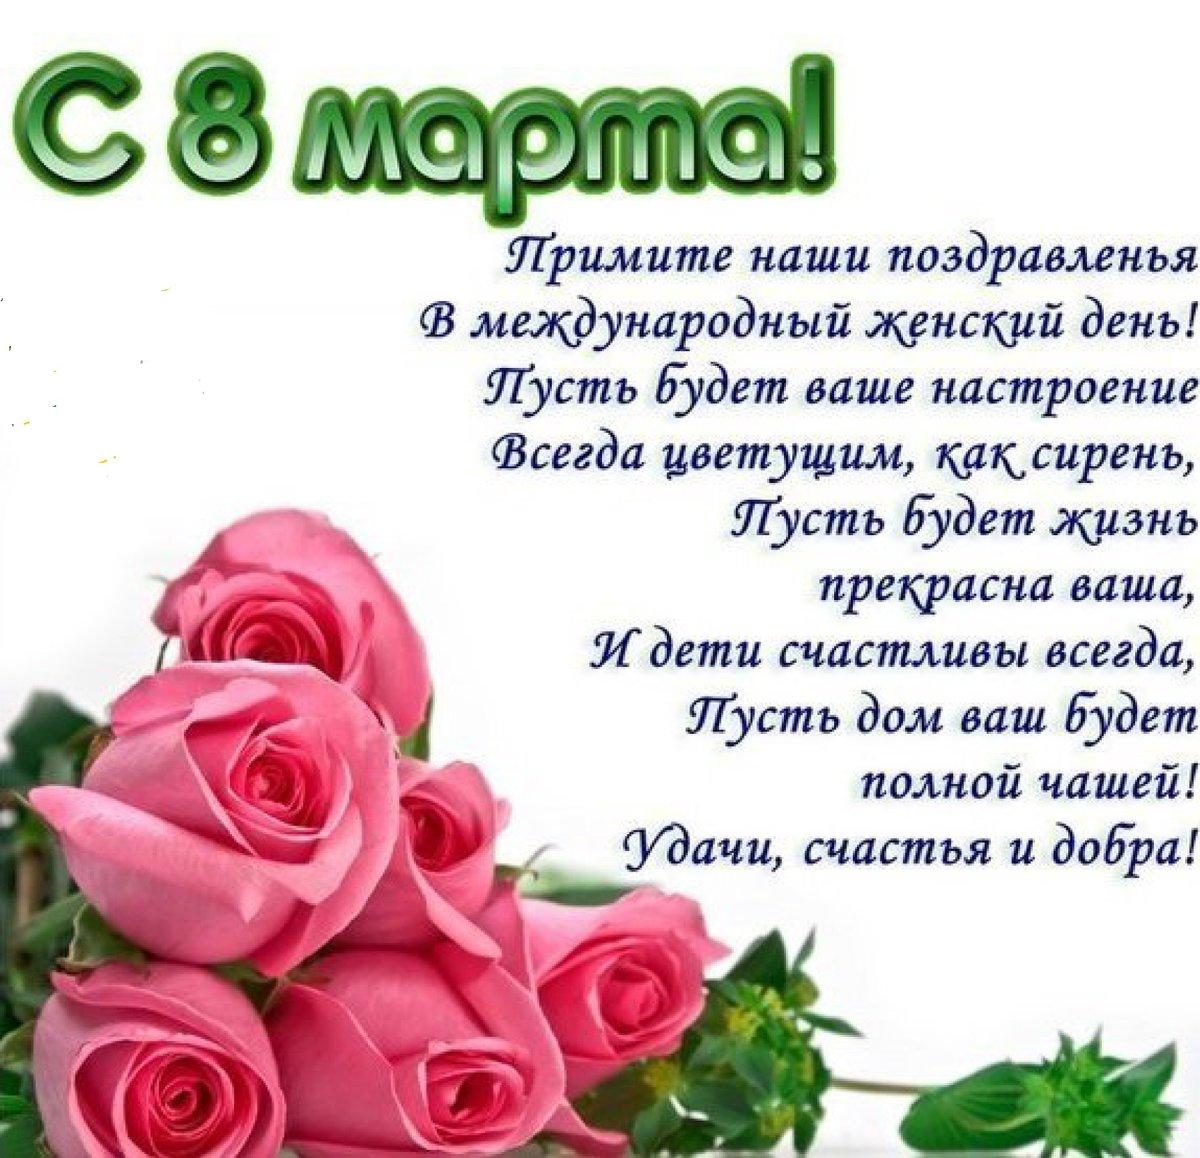 Примите наши поздравления с женским днем